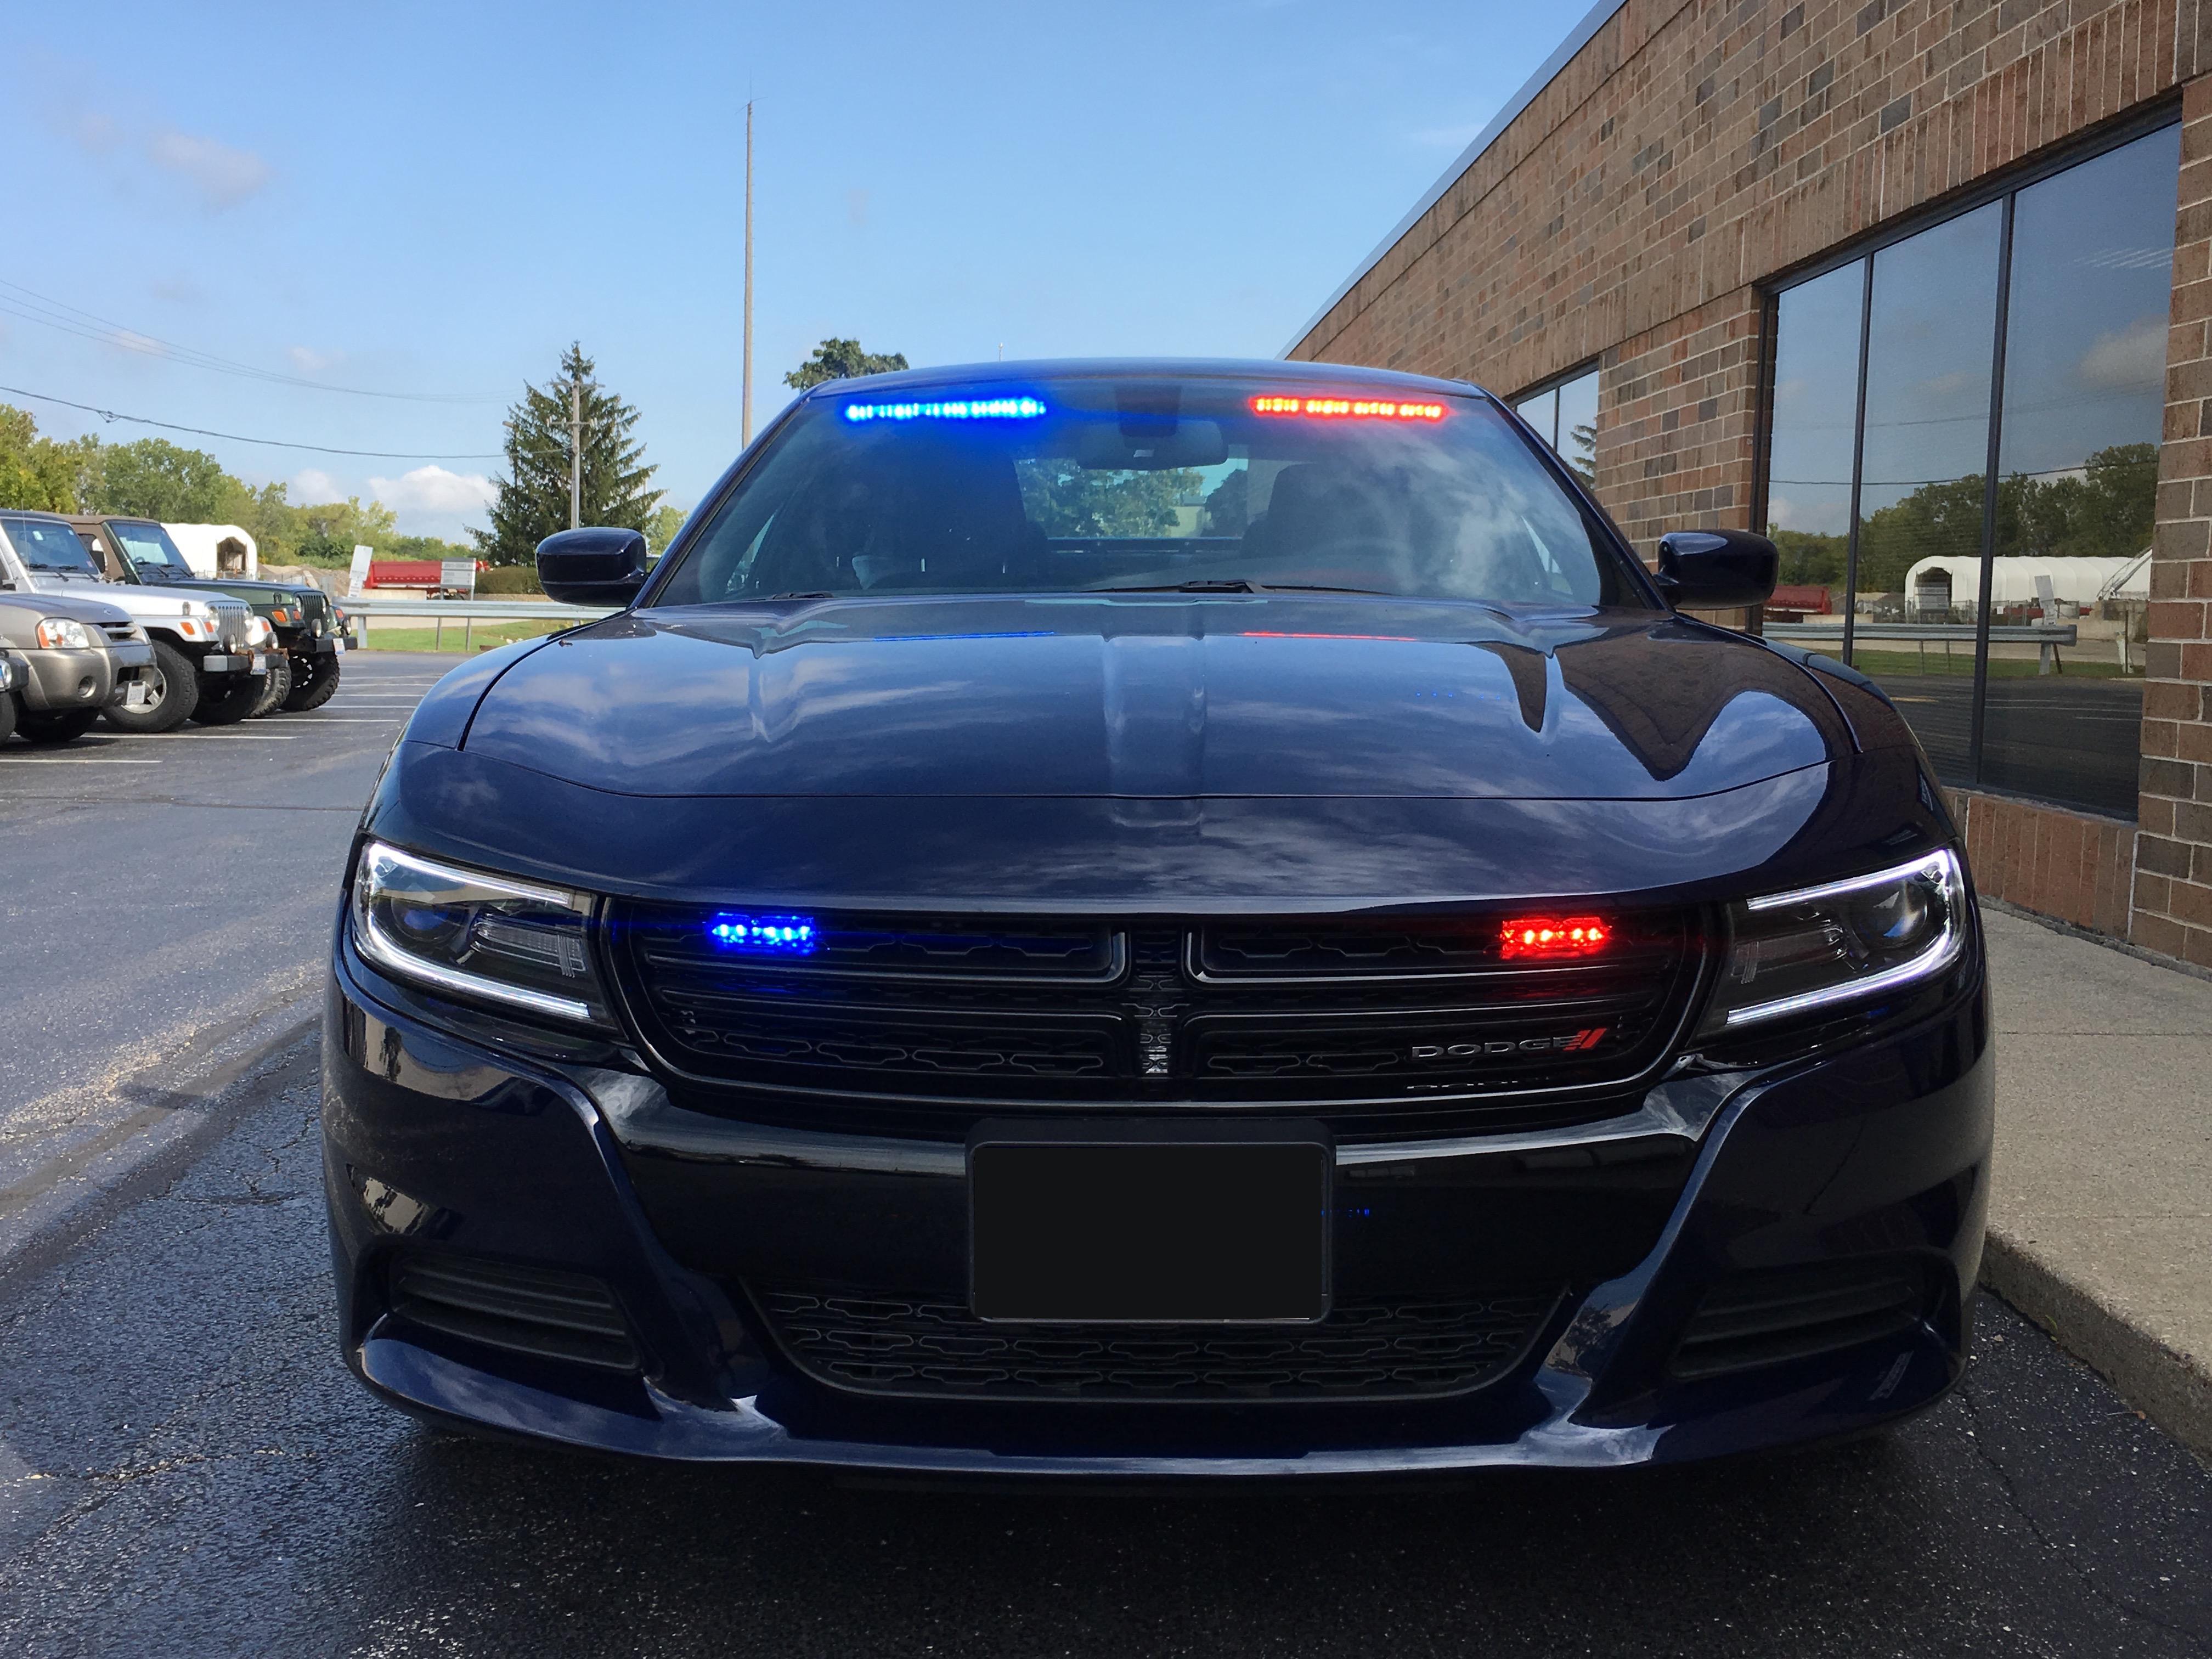 dodge charger unmarked emergency vehicle upfitting havey communications